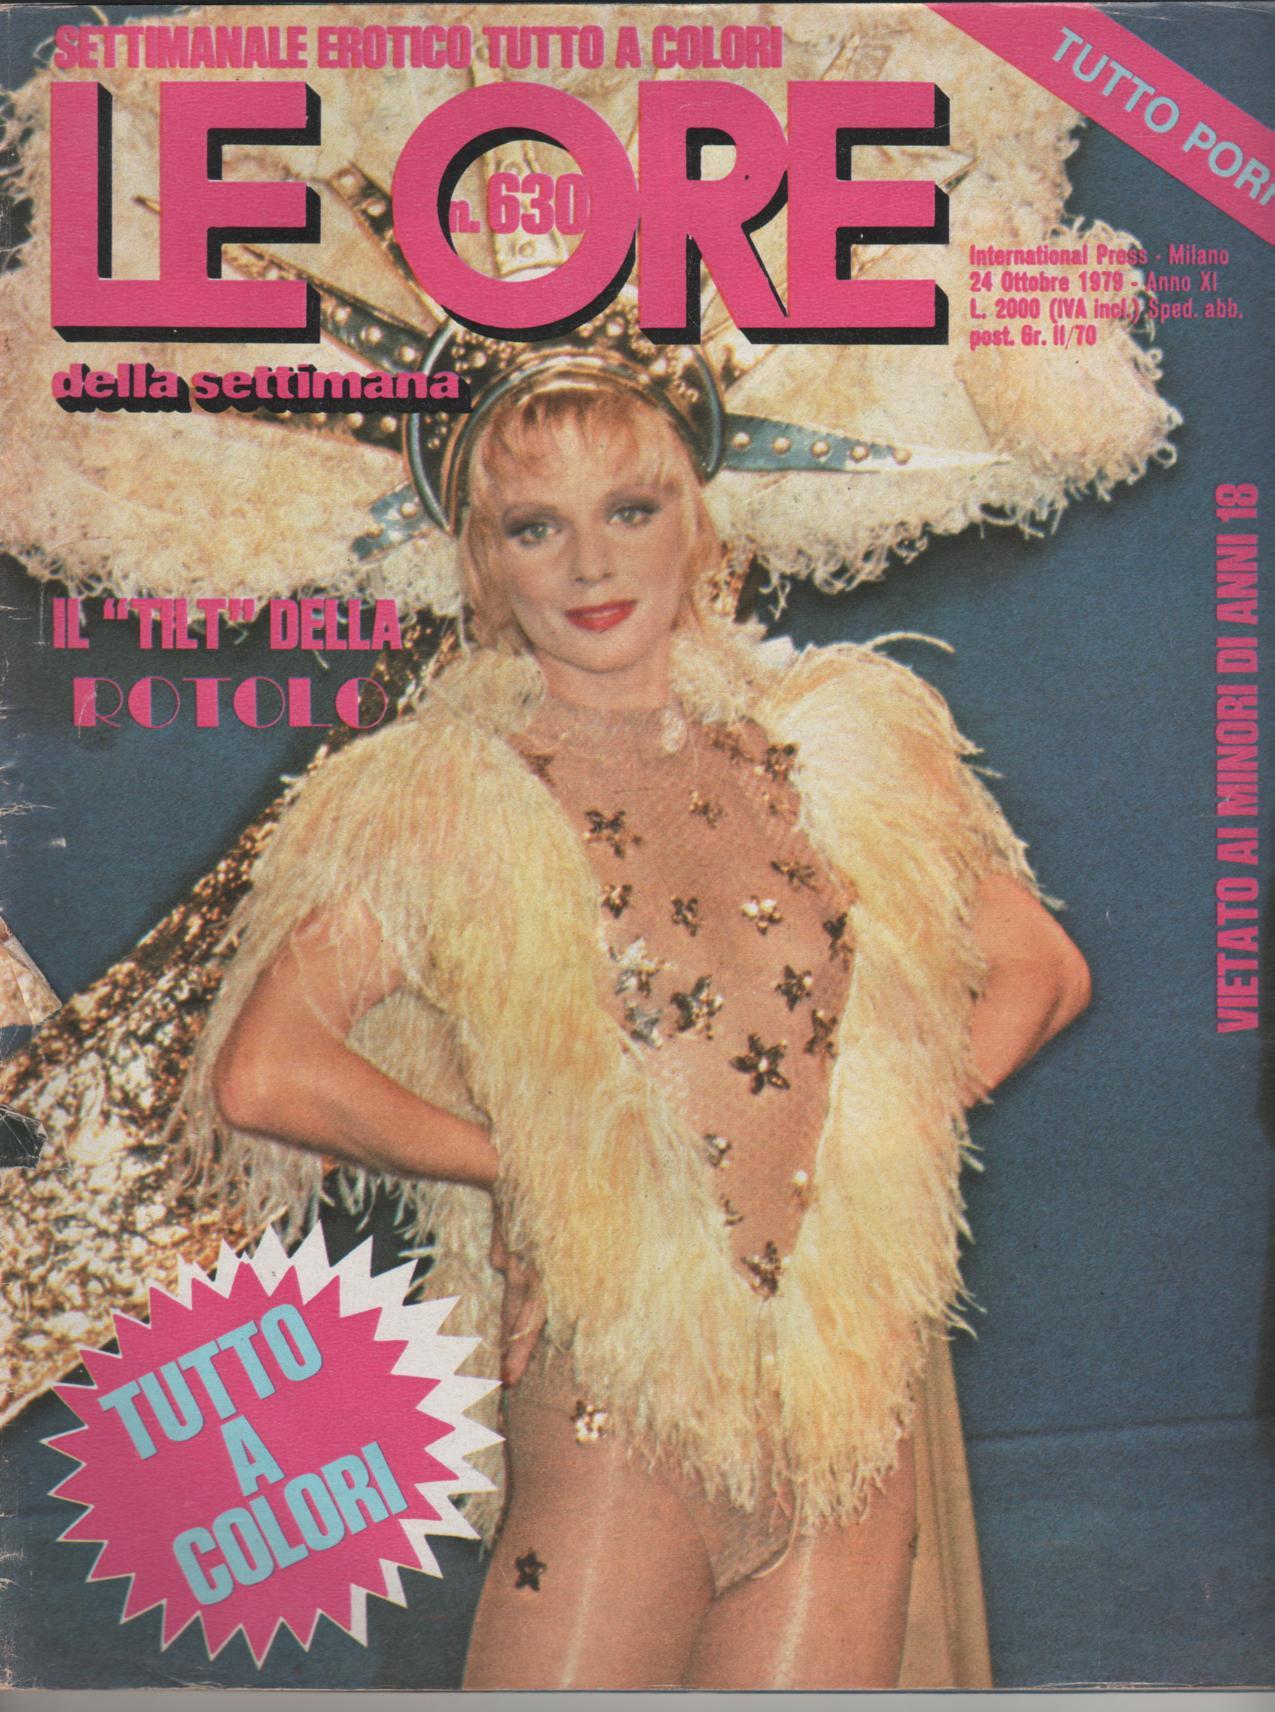 LE ORE  # 630 / 1979  STEFANIA ROTOLO softcore